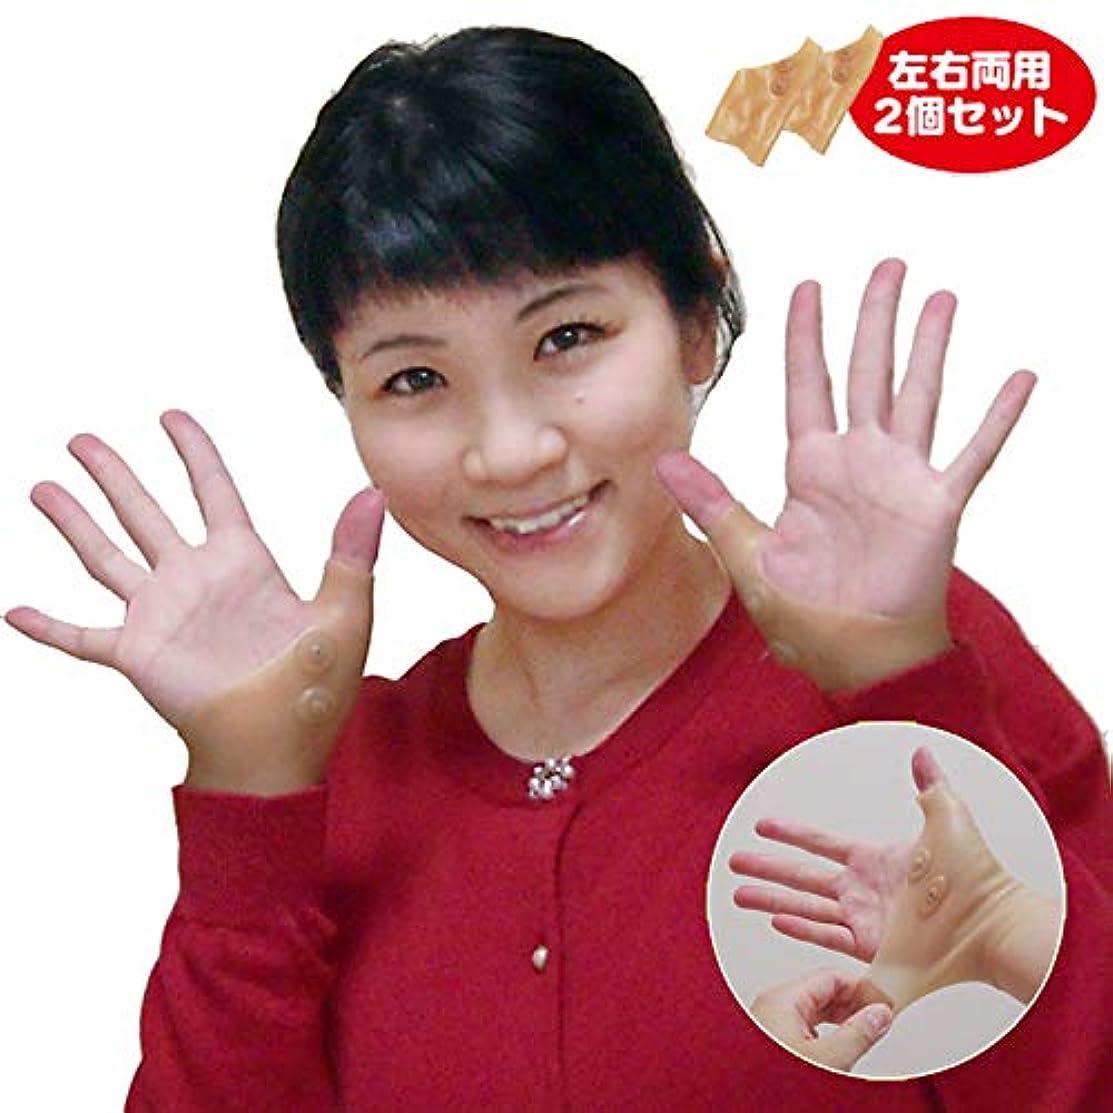 シャックル成熟した骨の折れるシリコーングローブ 親指サポーター2個セット 左右兼用